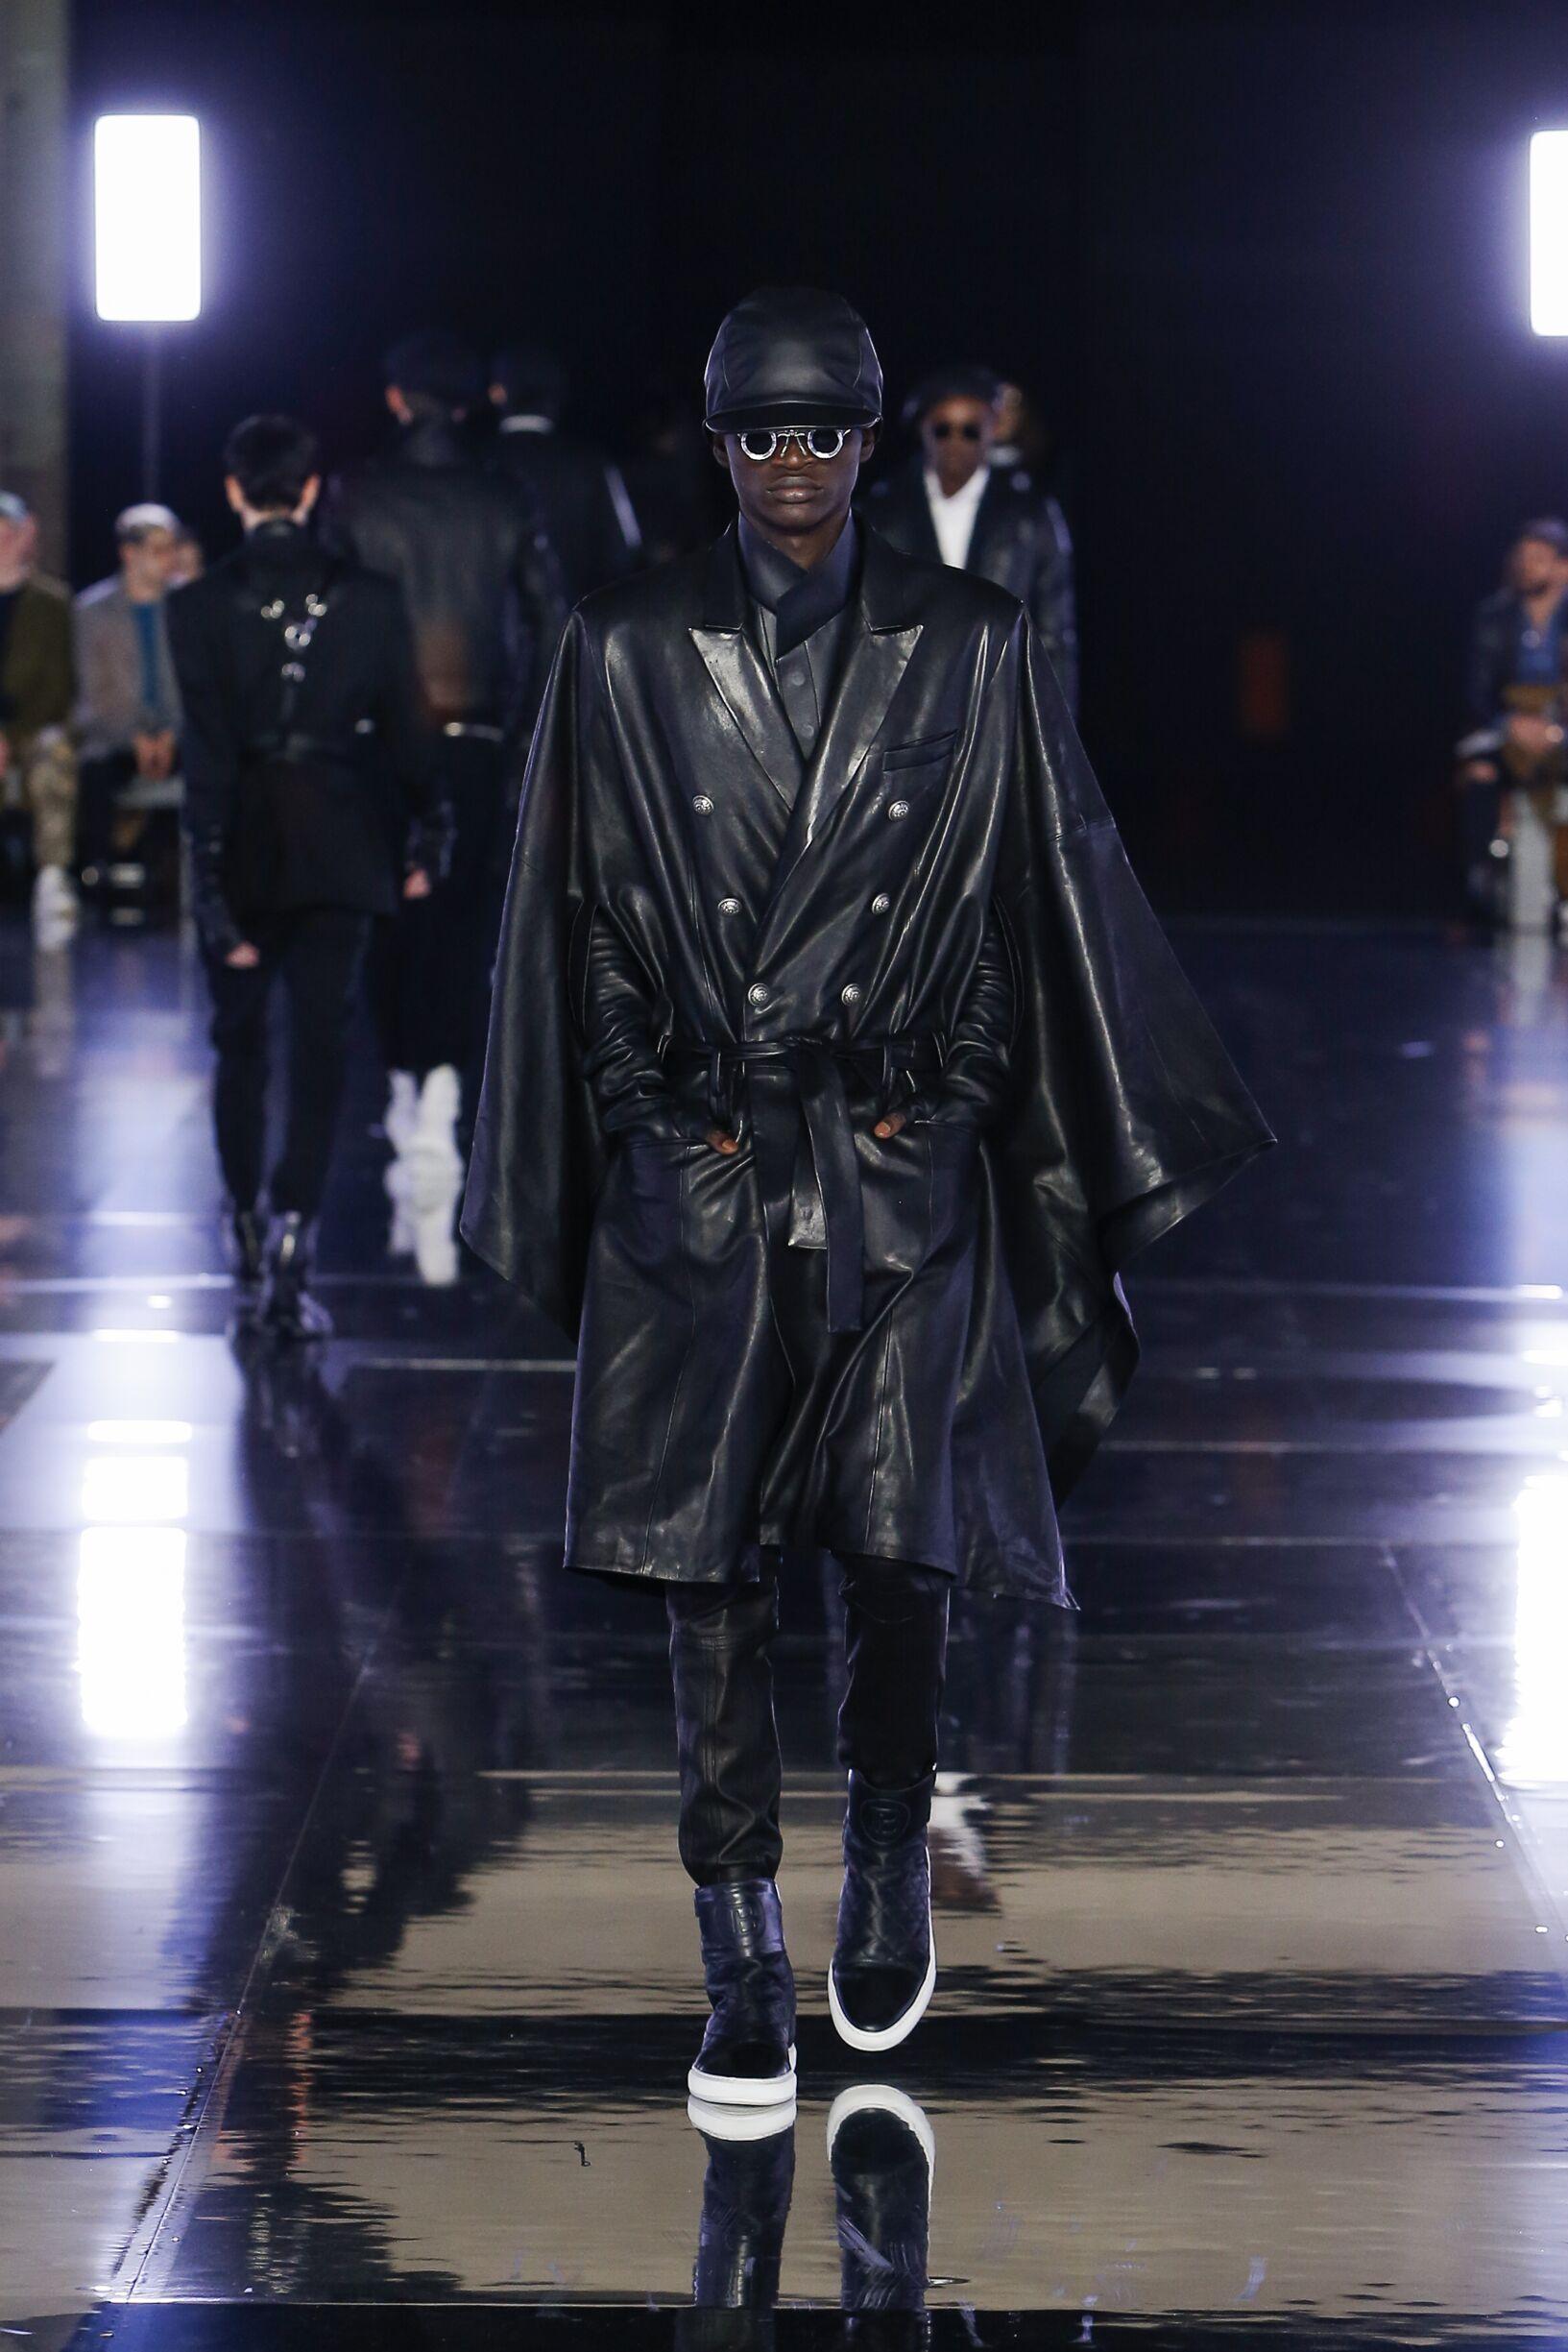 Balmain Menswear Collection Style 2019-20